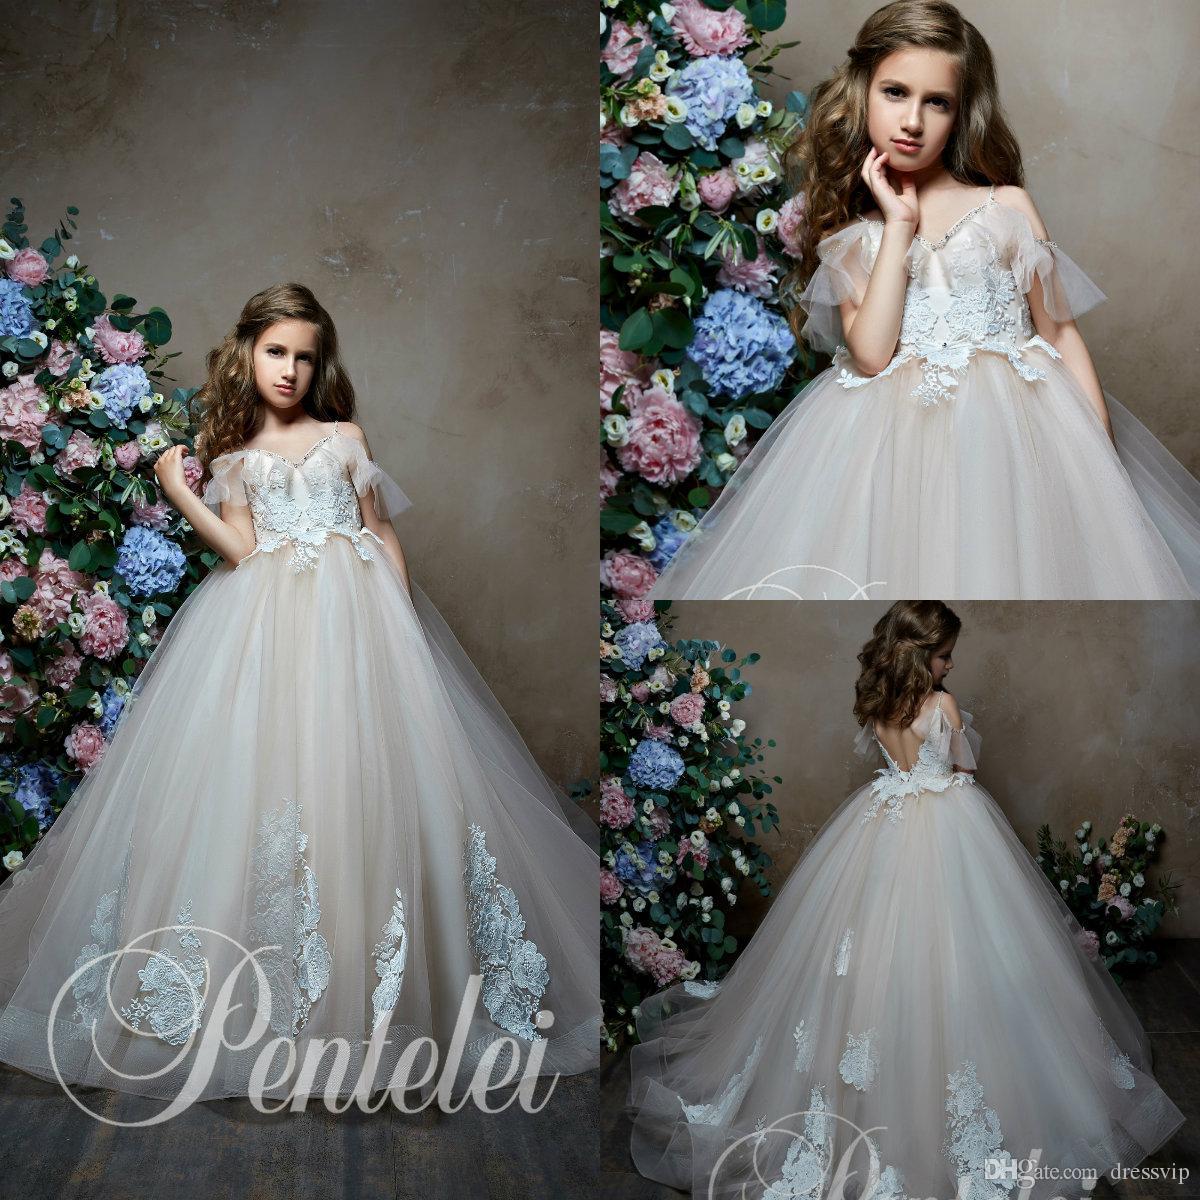 Pentelei 2019 Flor linda niña vestidos para las bodas fuera del hombro de la manga corta de encaje niñas de vestir desfile de apliques con cuentas vestido de bola